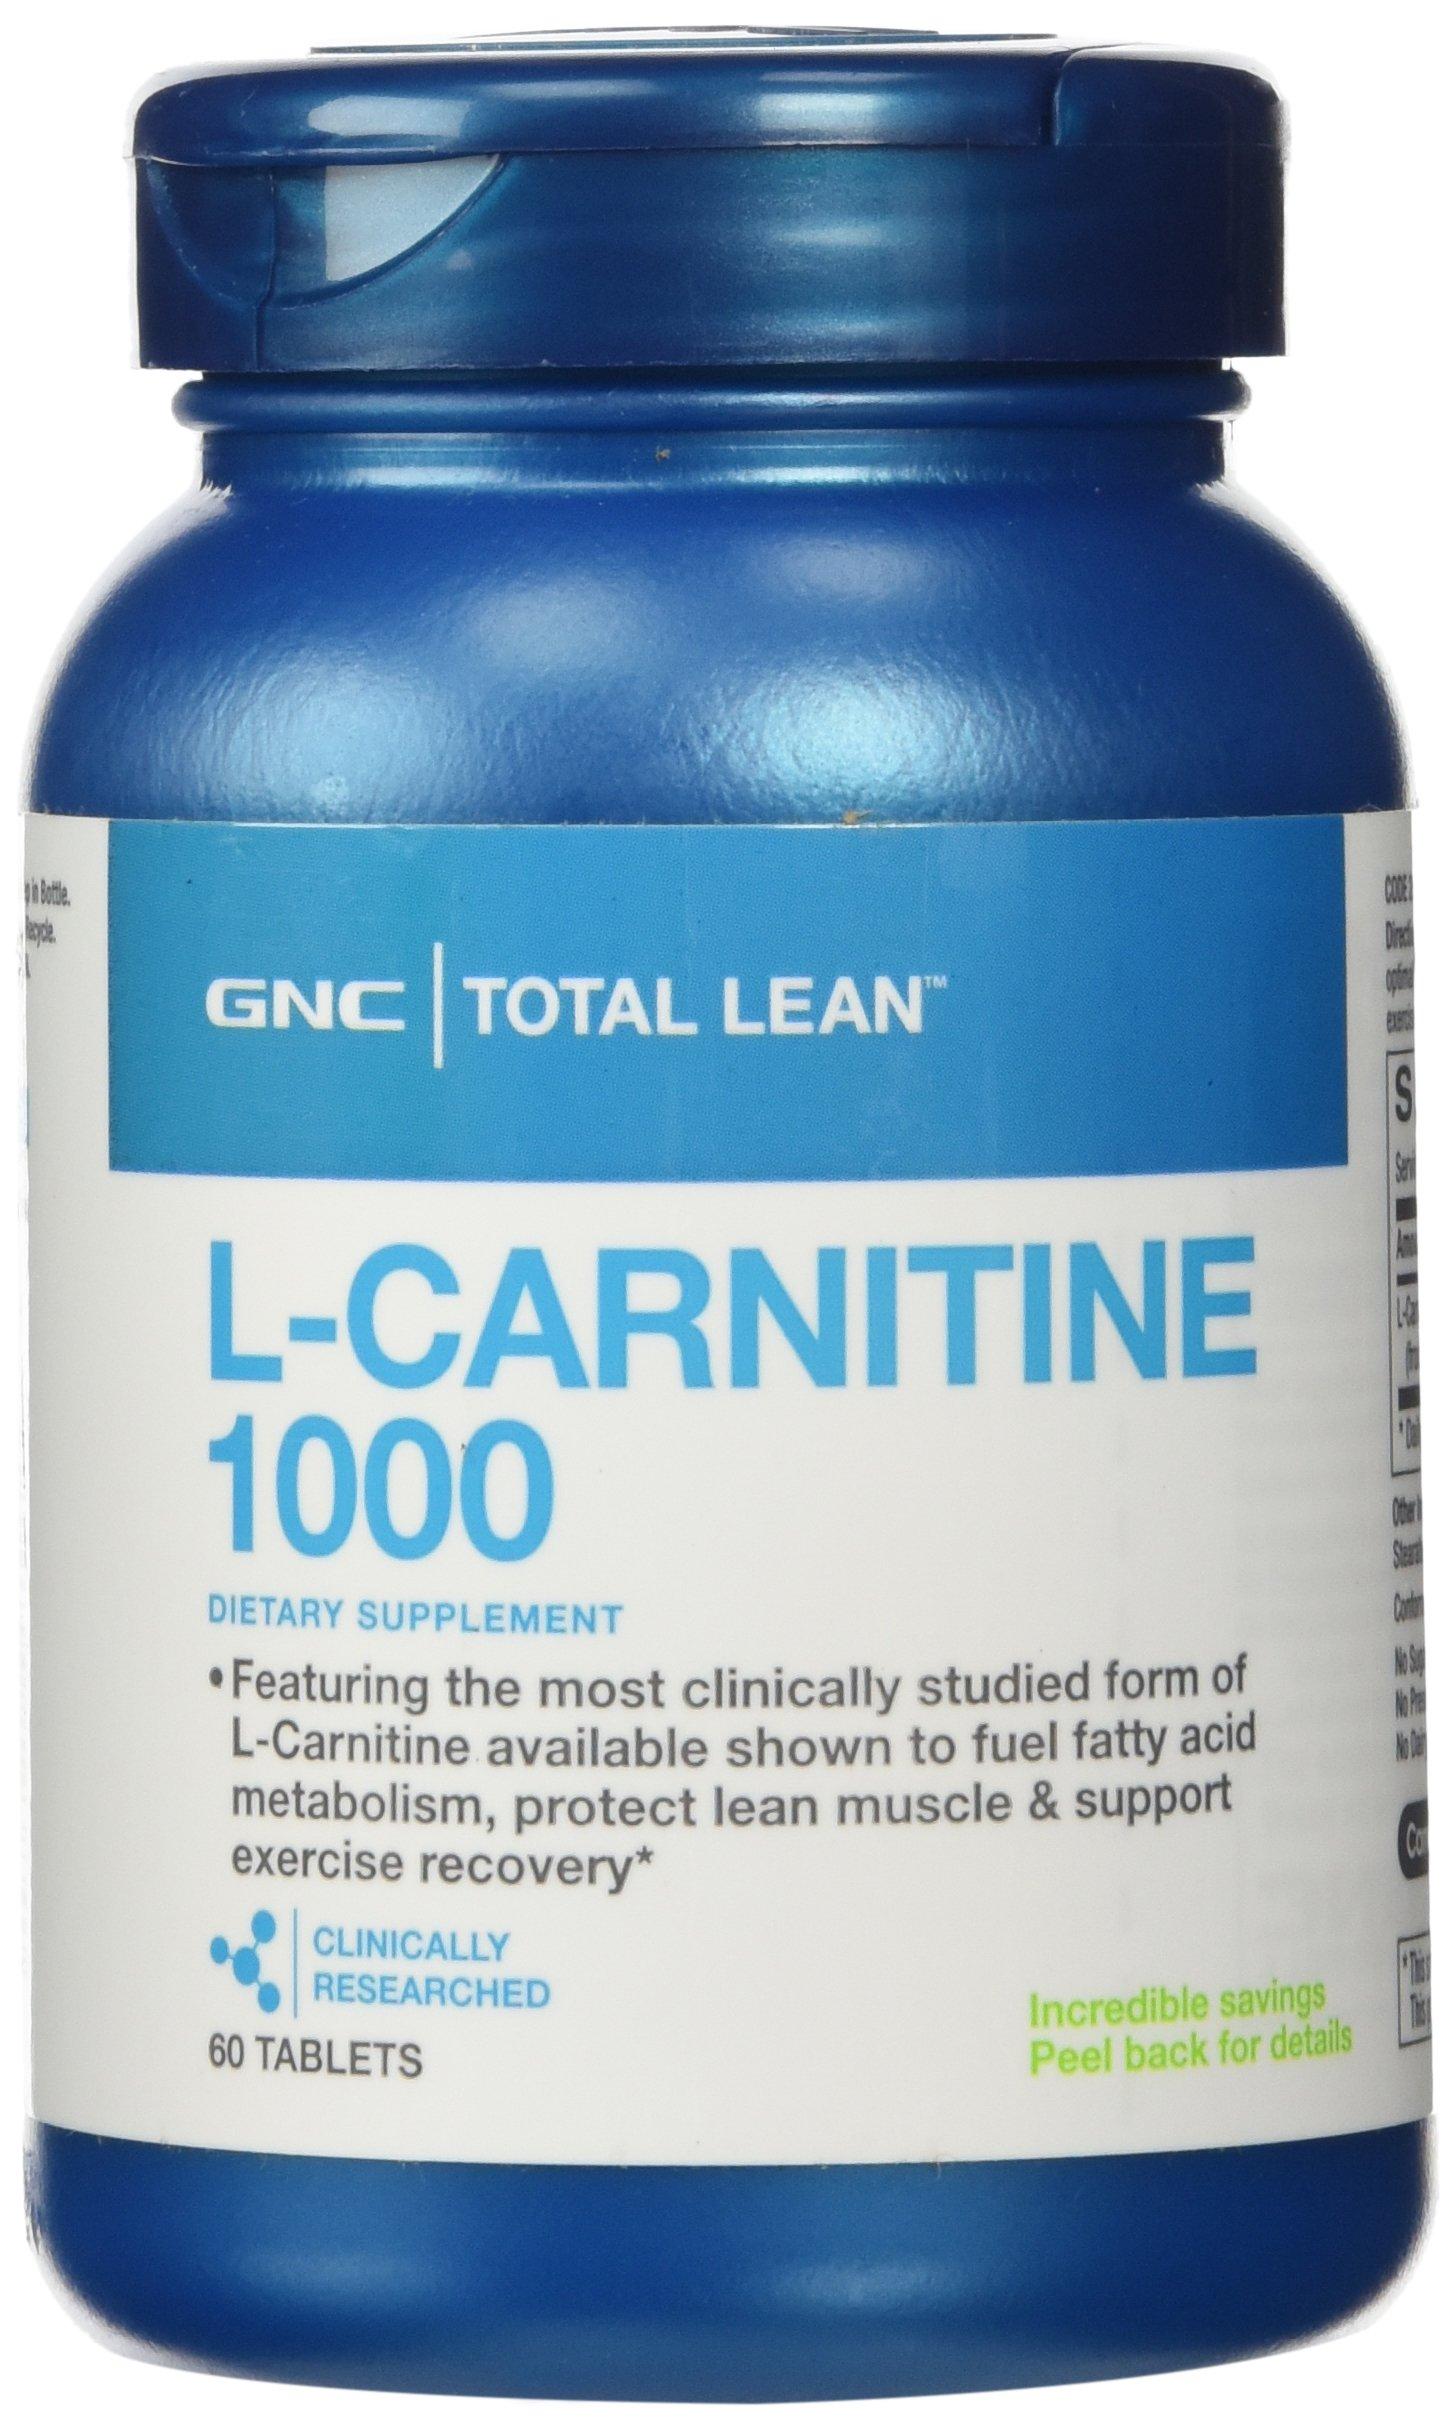 GNC Total Lean L-Carnitine 1000 by GNC (Image #1)